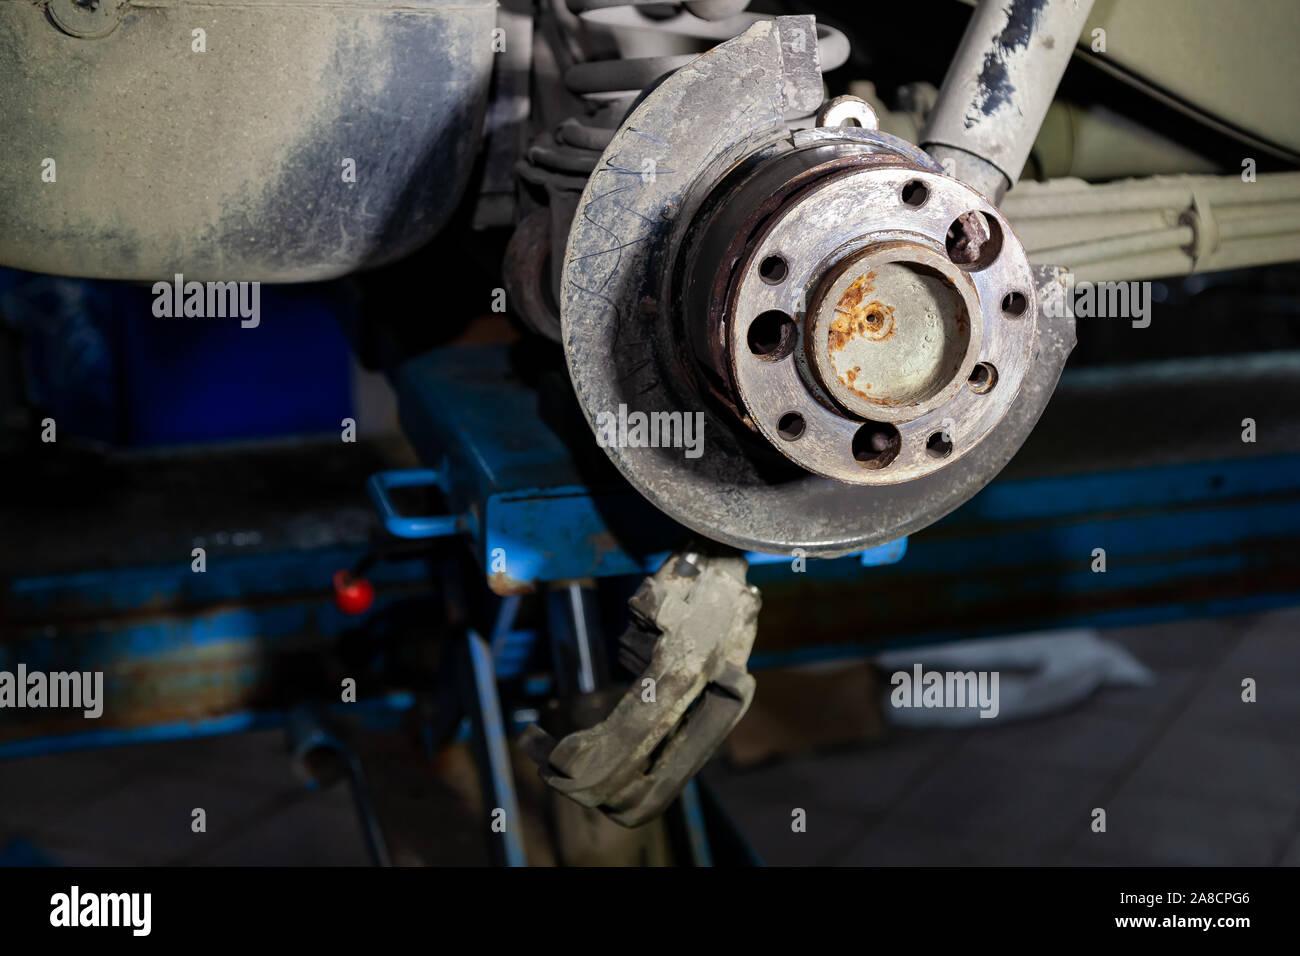 Eine Nahaufnahme der hinteren Bremsanlage eines Autos mit Nabe auf eine Hebebühne in einem Fahrzeug Werkstatt. Auto Service Industrie. Stockfoto